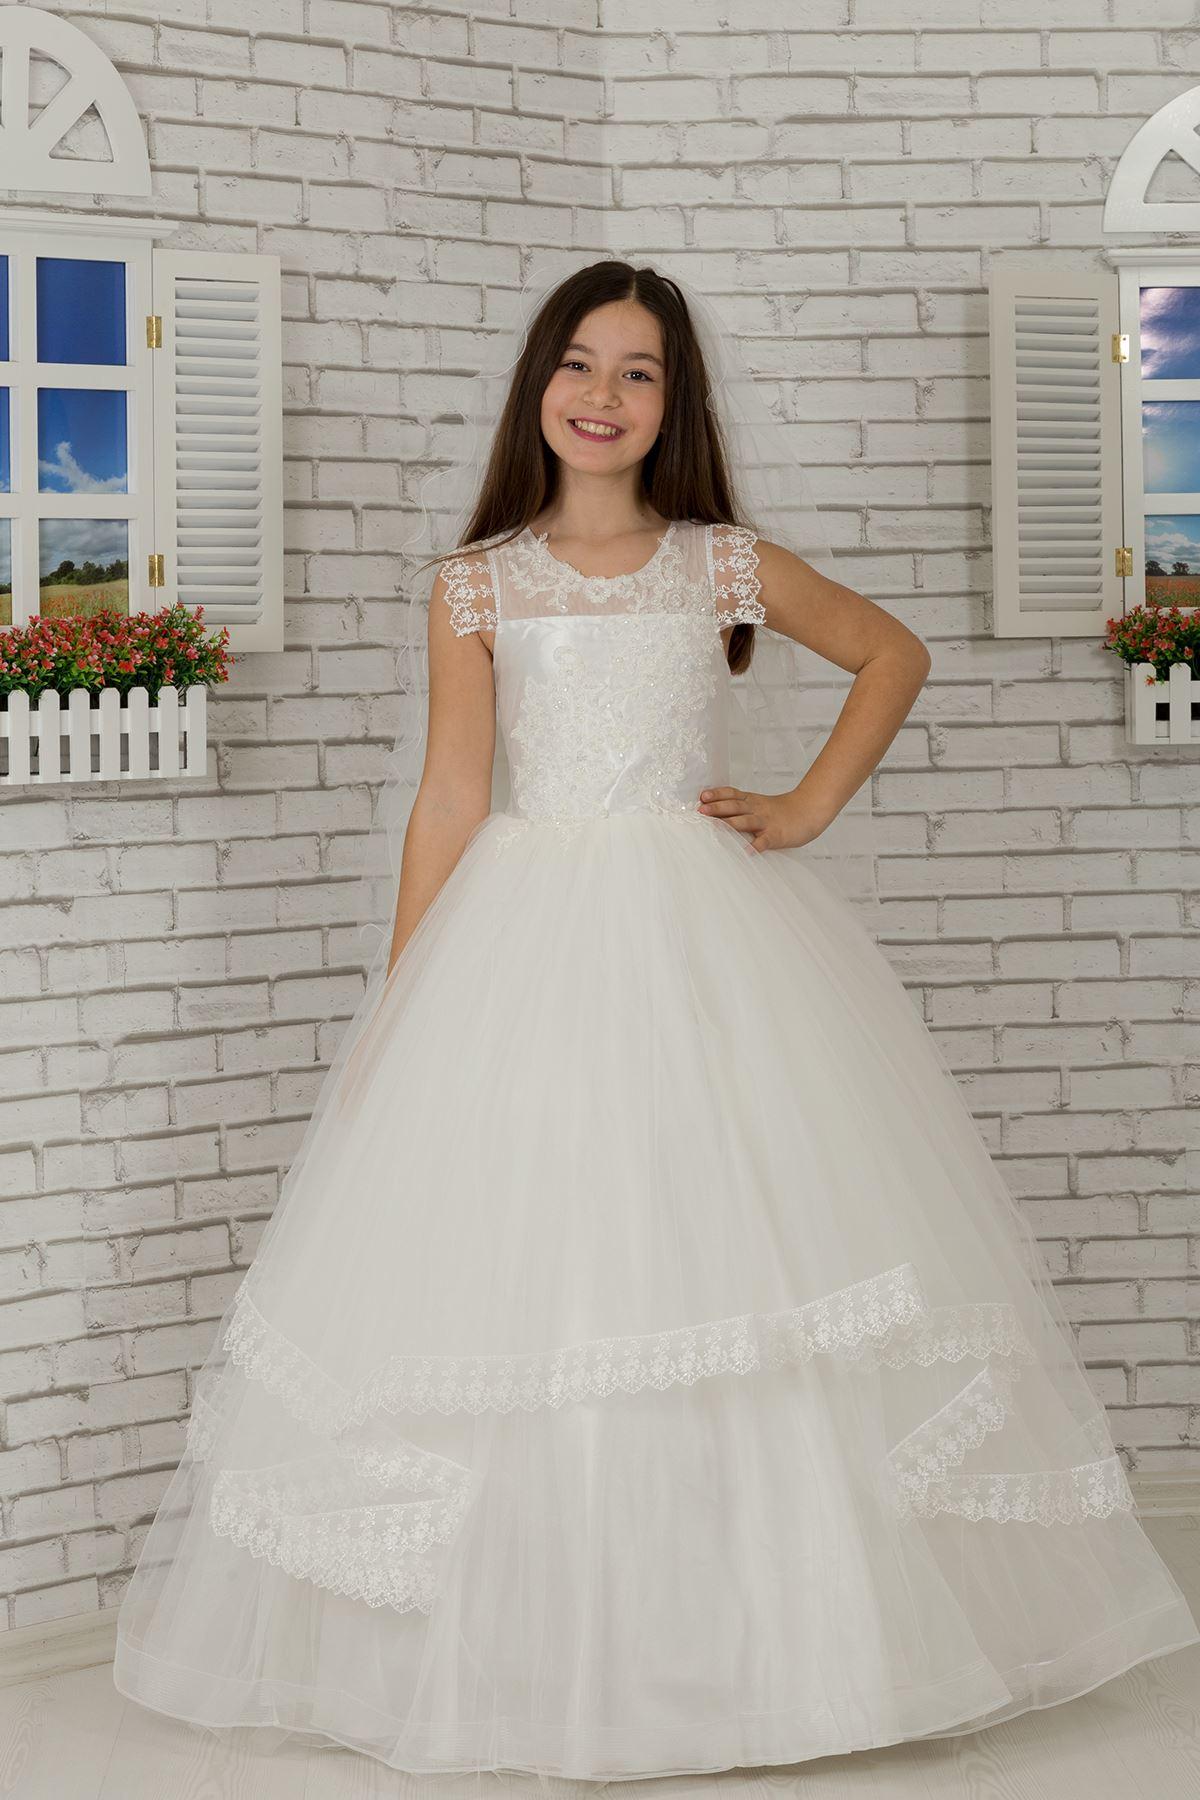 Bolyhos lány esti ruha vállrész részlet, hímzett, Tulle 601 krém